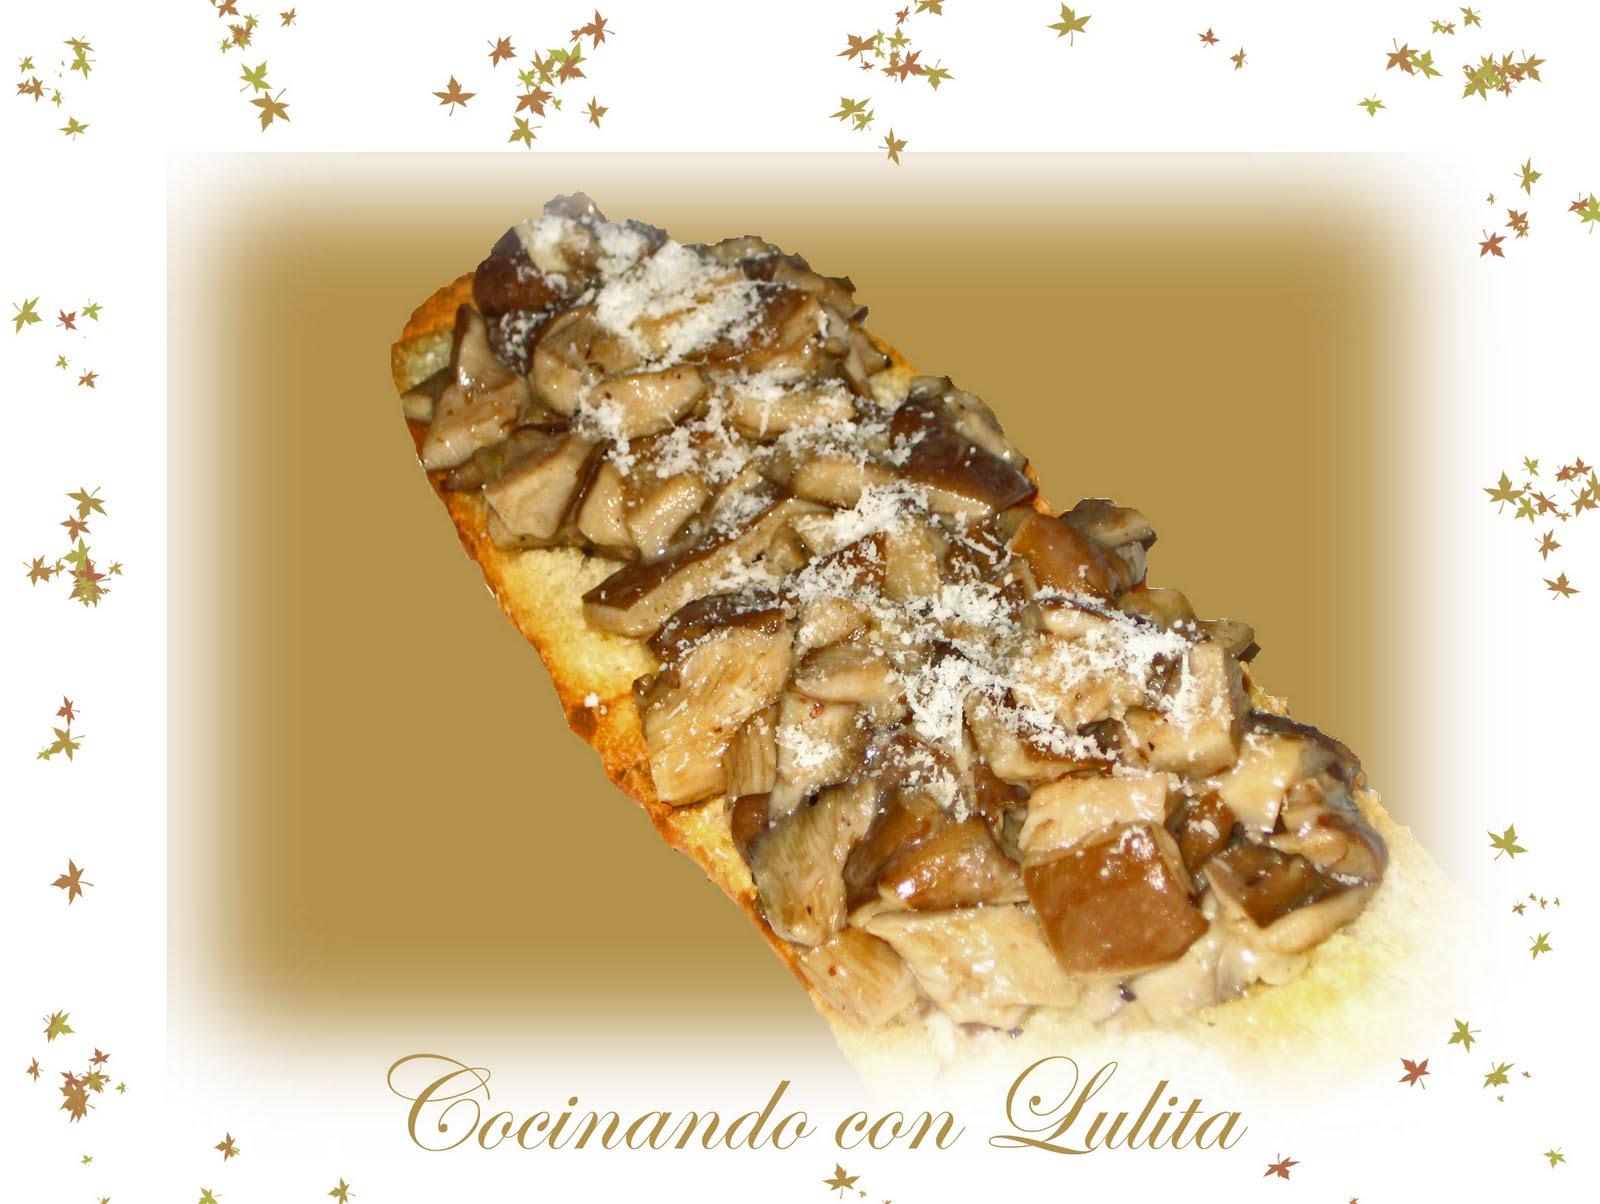 Cocinando con lulita tosta de setas al estilo jamie oliver for Cocinando 15 minutos con jamie